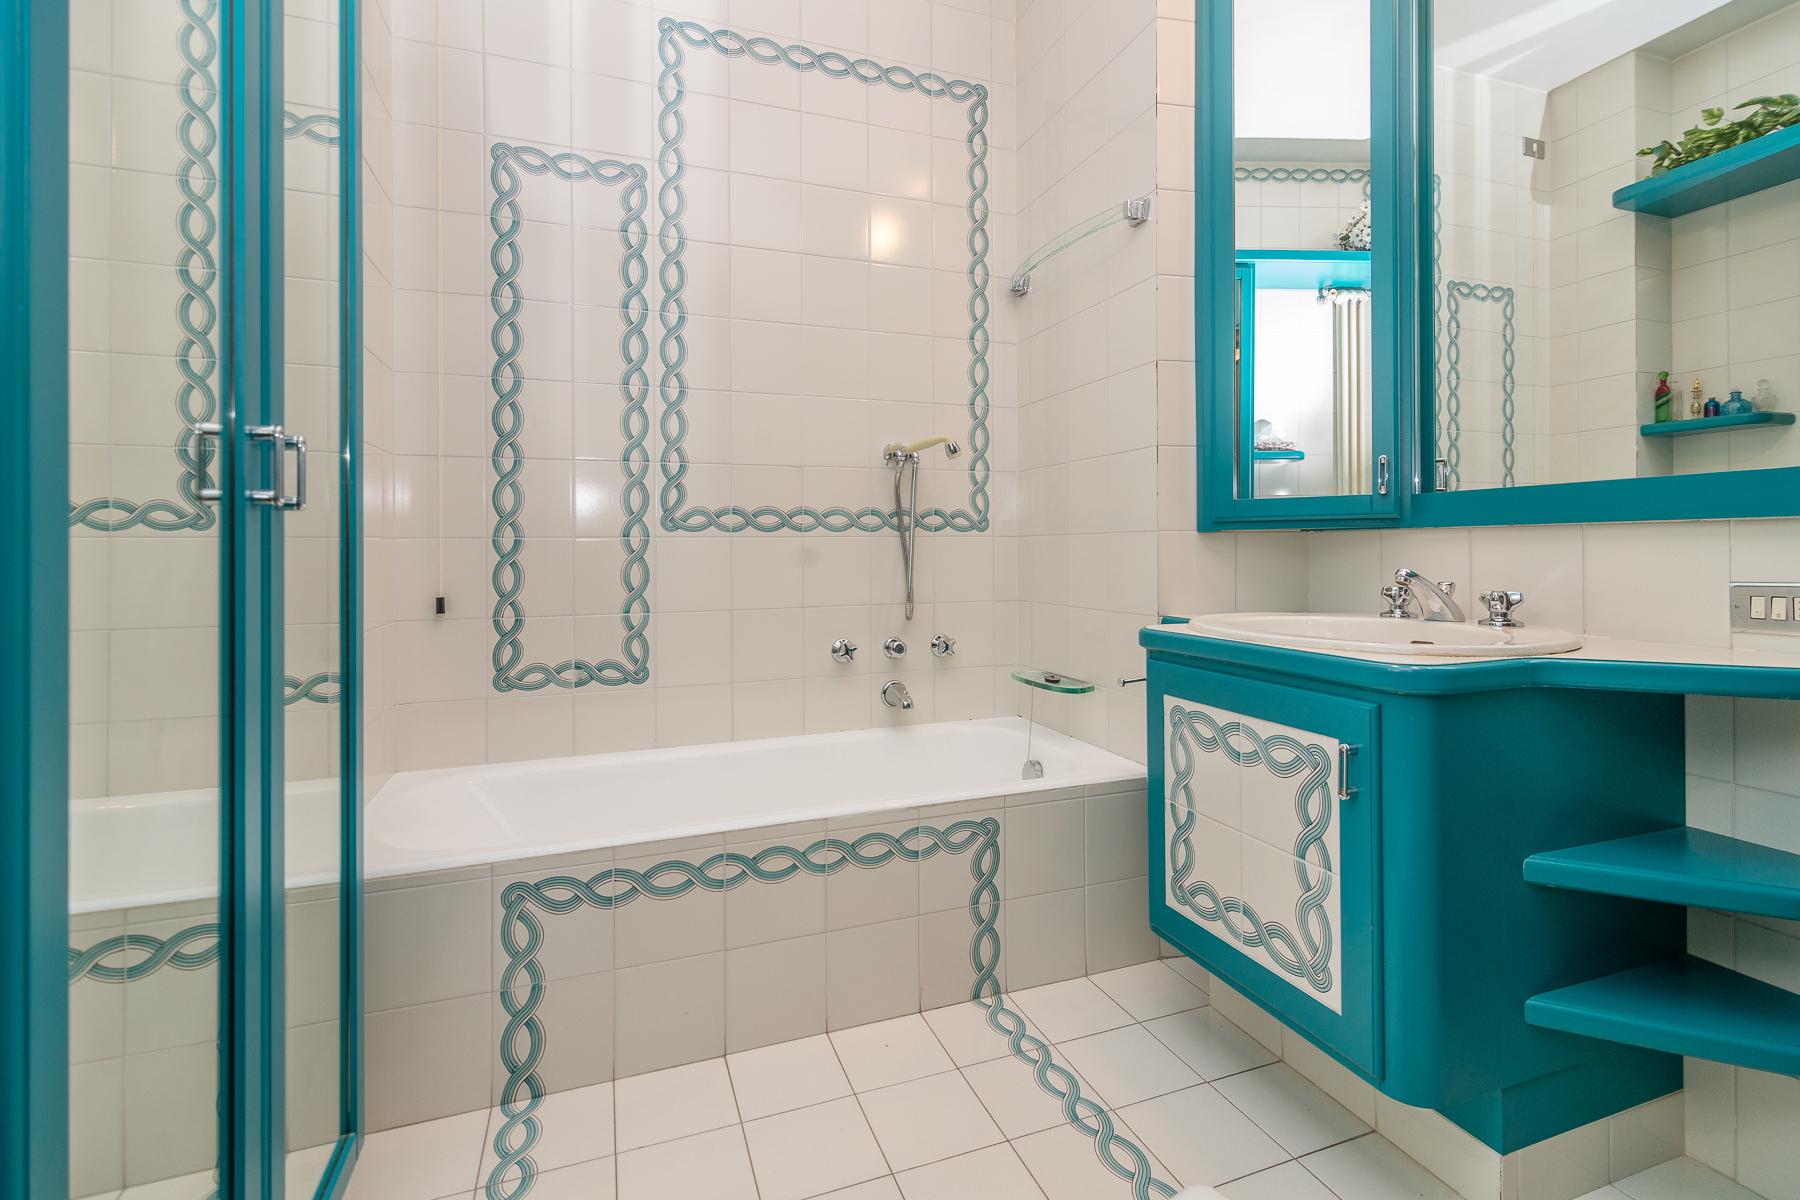 Appartamento in Vendita a Sanremo: 4 locali, 120 mq - Foto 19